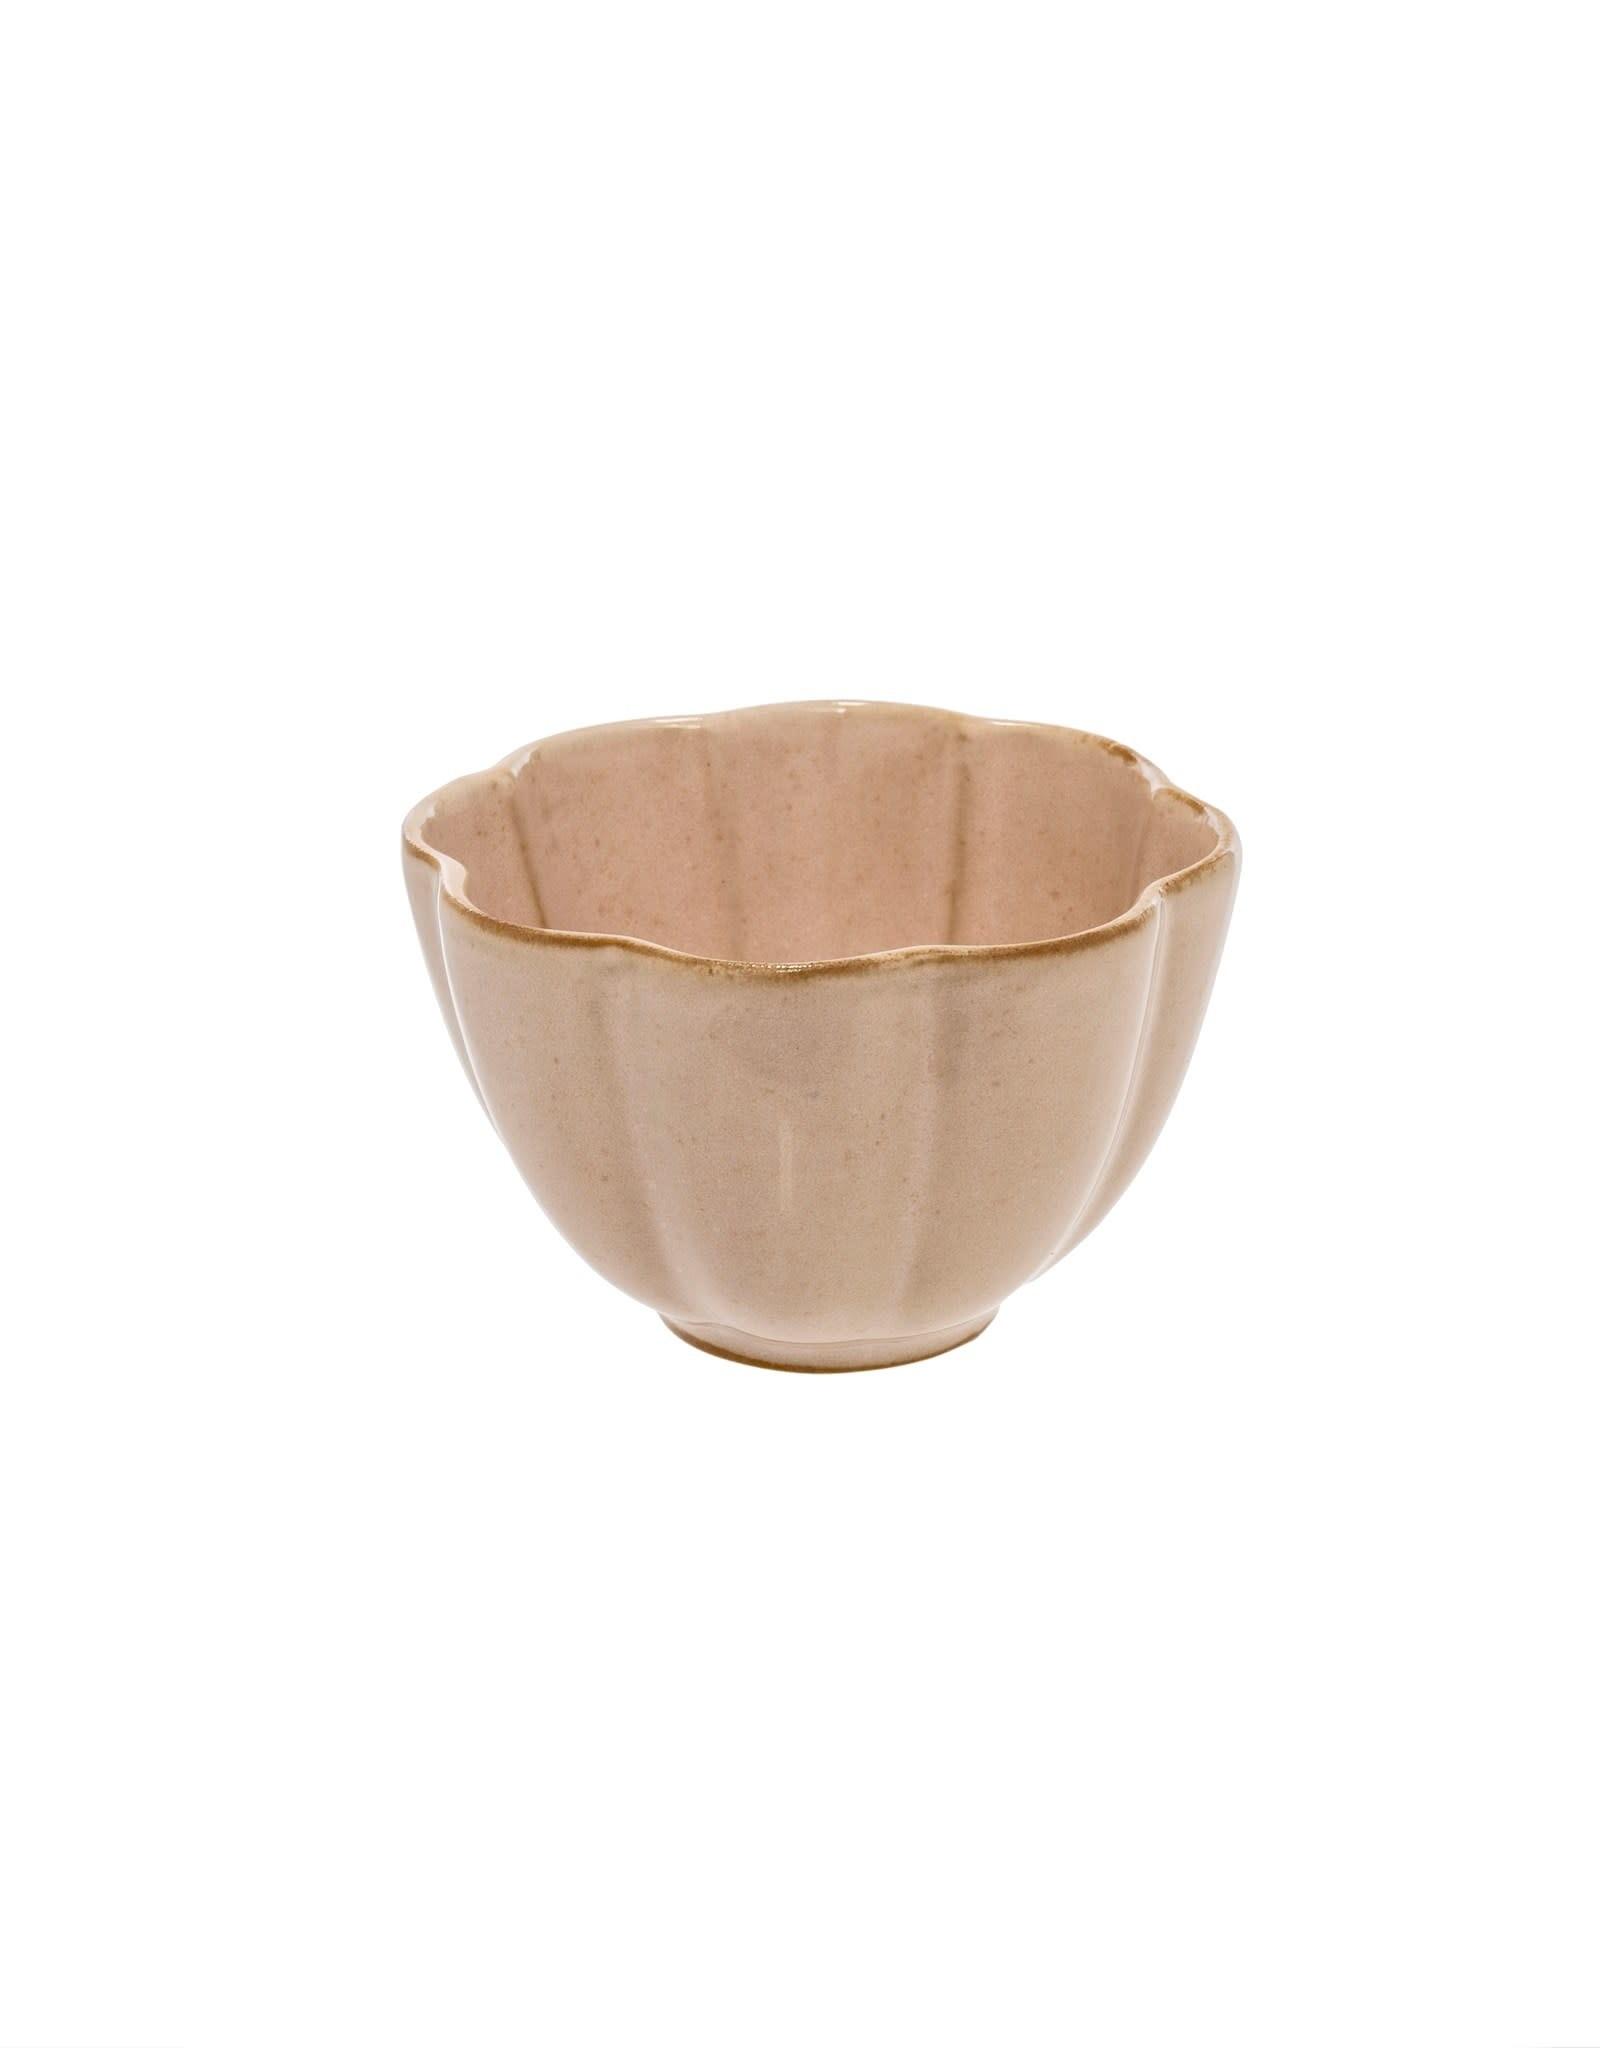 Indaba Amelia Blush Bowl - Small